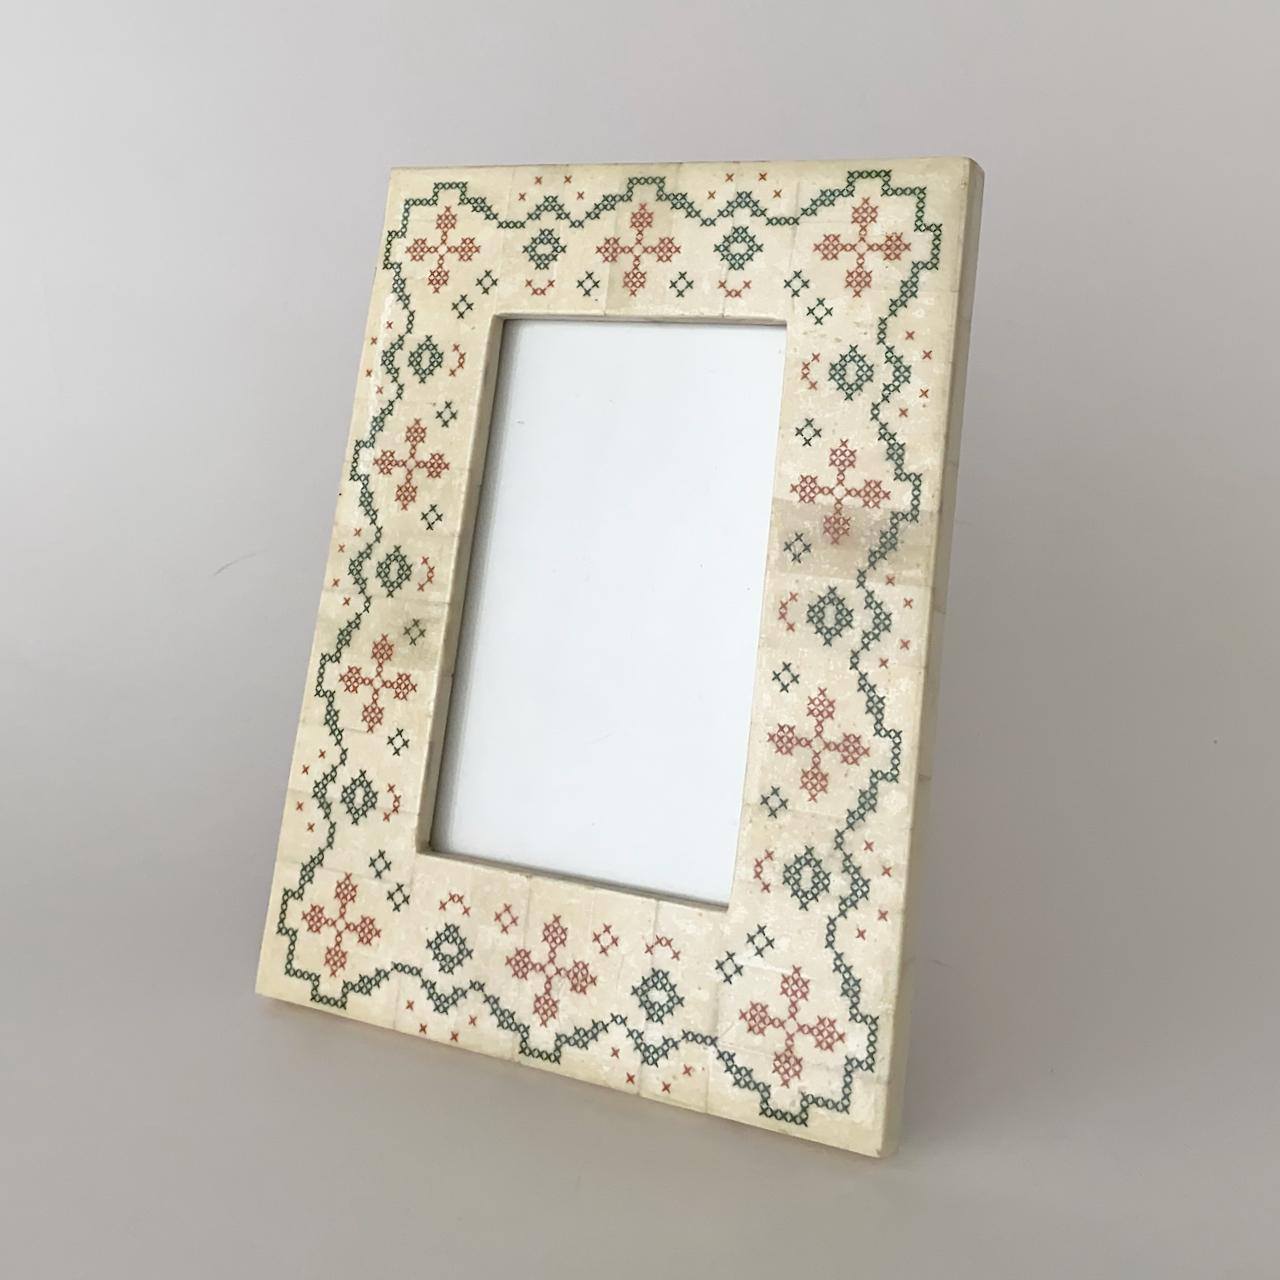 刺繍模様のフォトフレーム クロスステッチ柄(21.5cm) Embroidery Design Photo Frame Cross Stitch